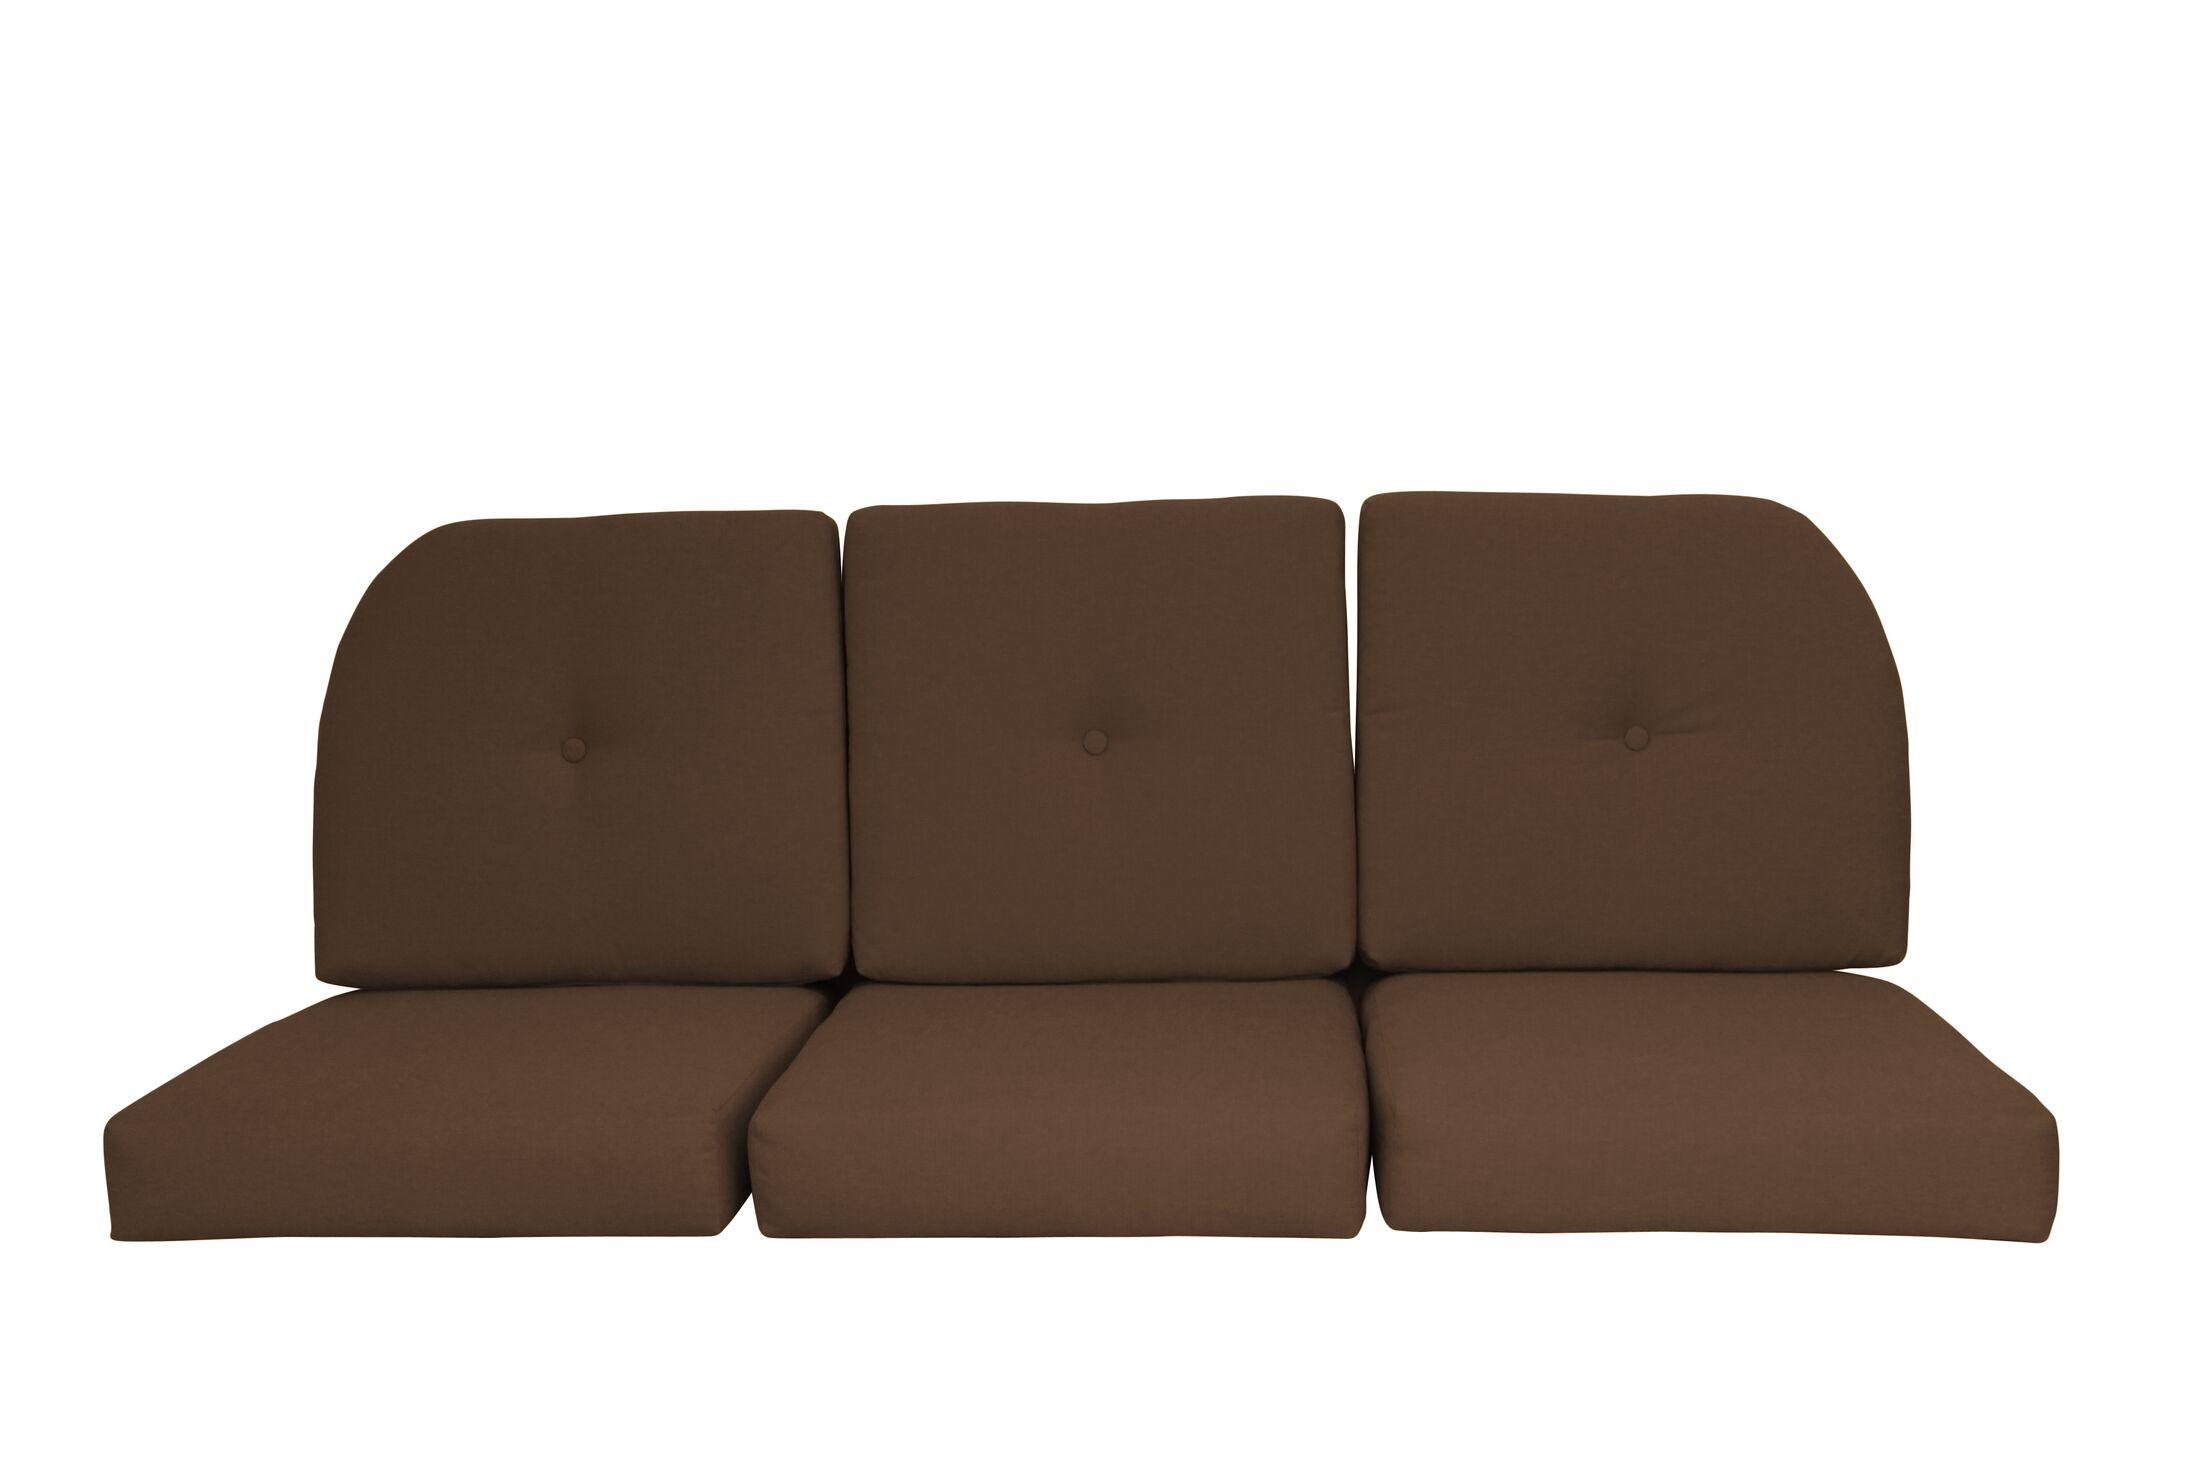 Wicker Indoor/Outdoor Sunbrella Sofa Cushion Fabric: Coffee